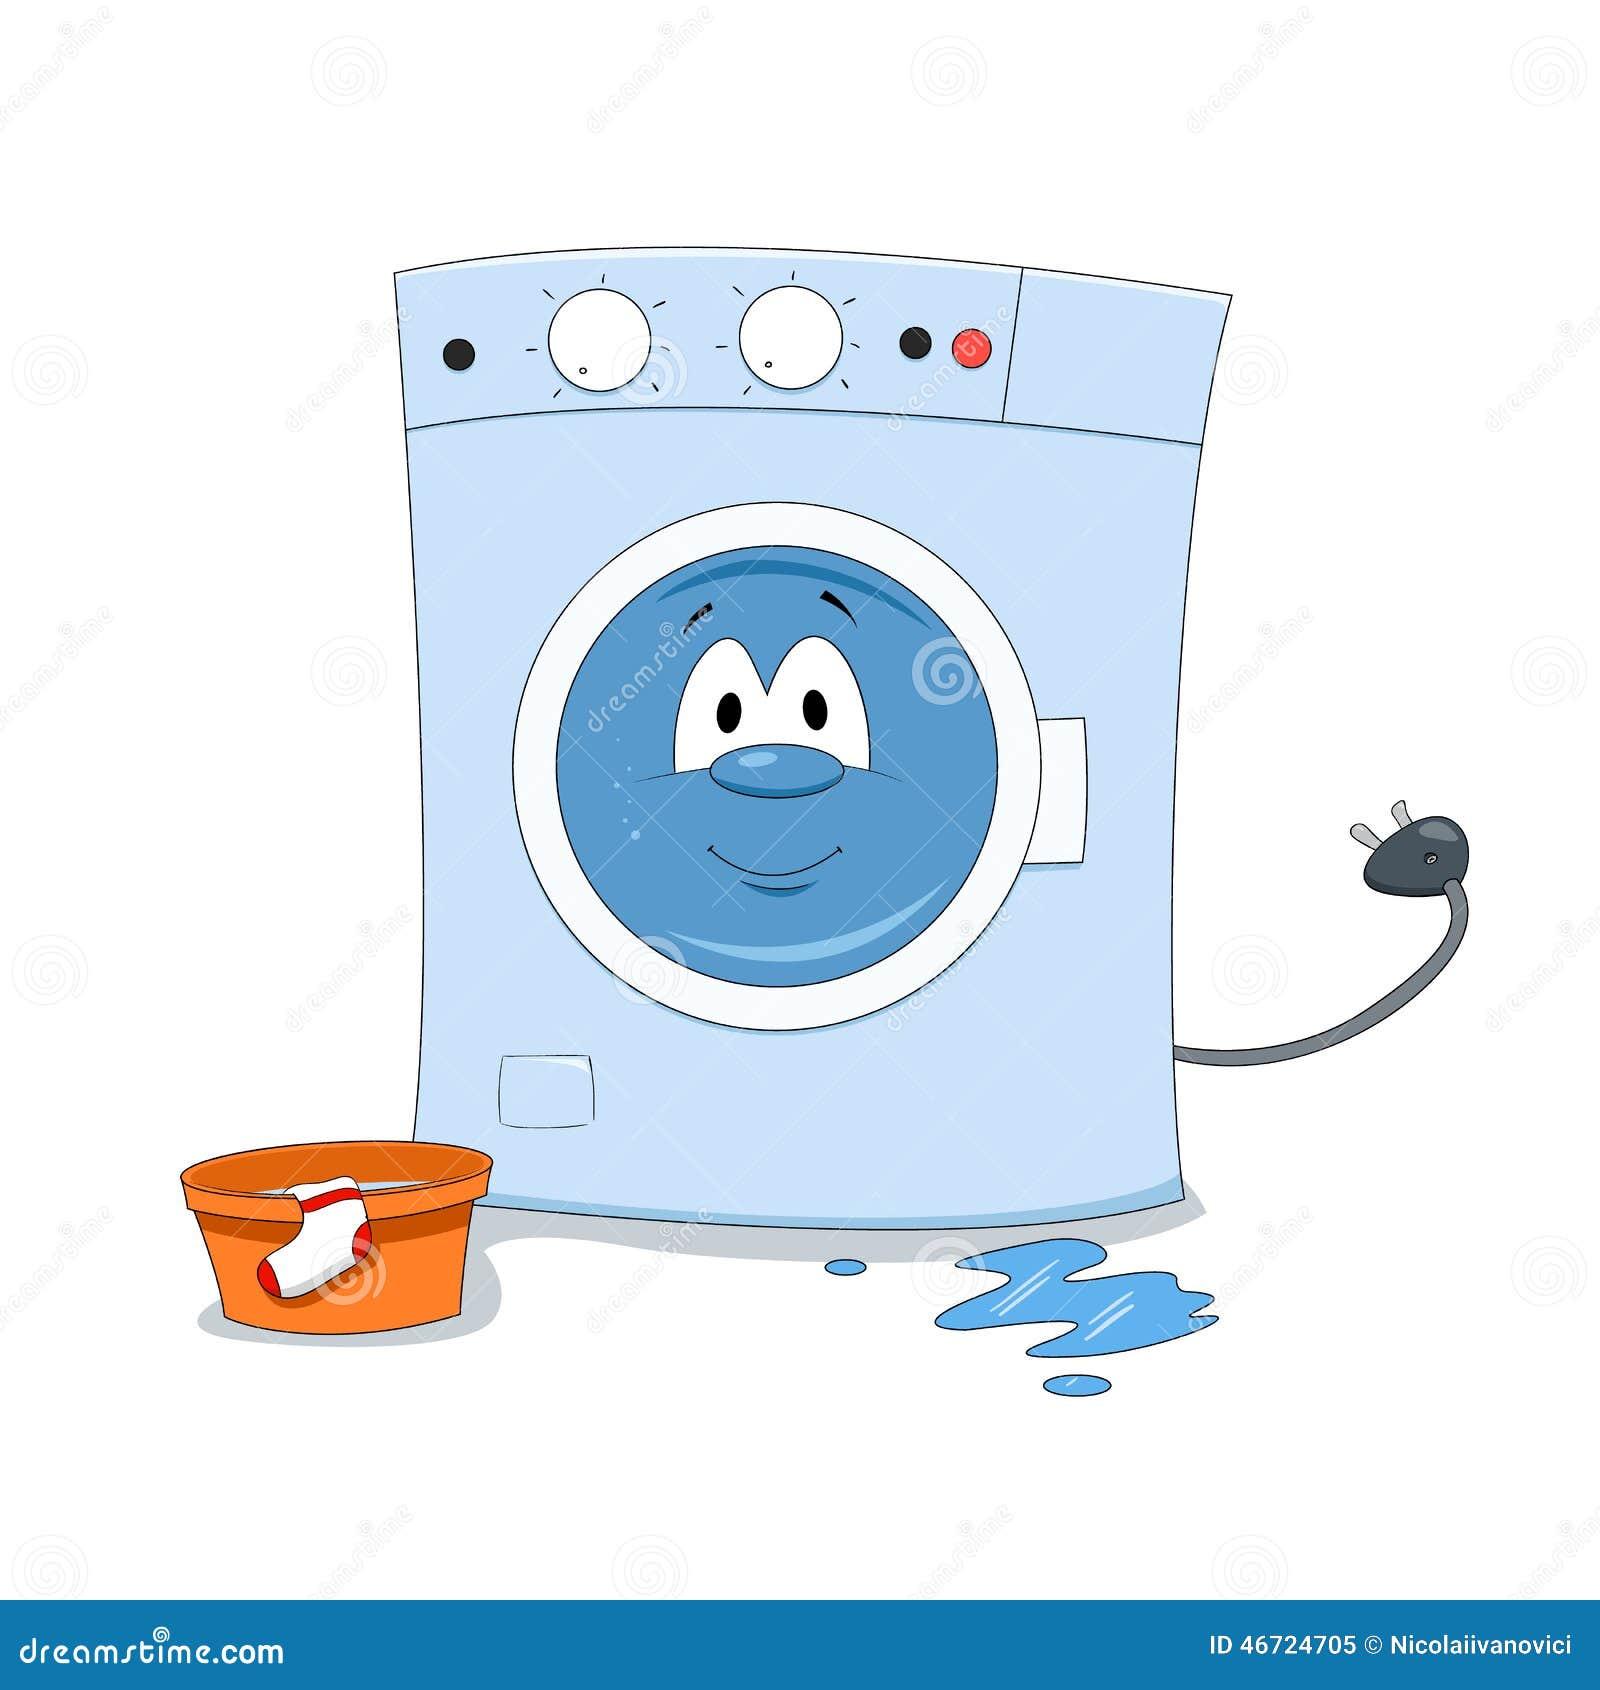 waschmaschine clipart inspirierendes design f r wohnm bel. Black Bedroom Furniture Sets. Home Design Ideas